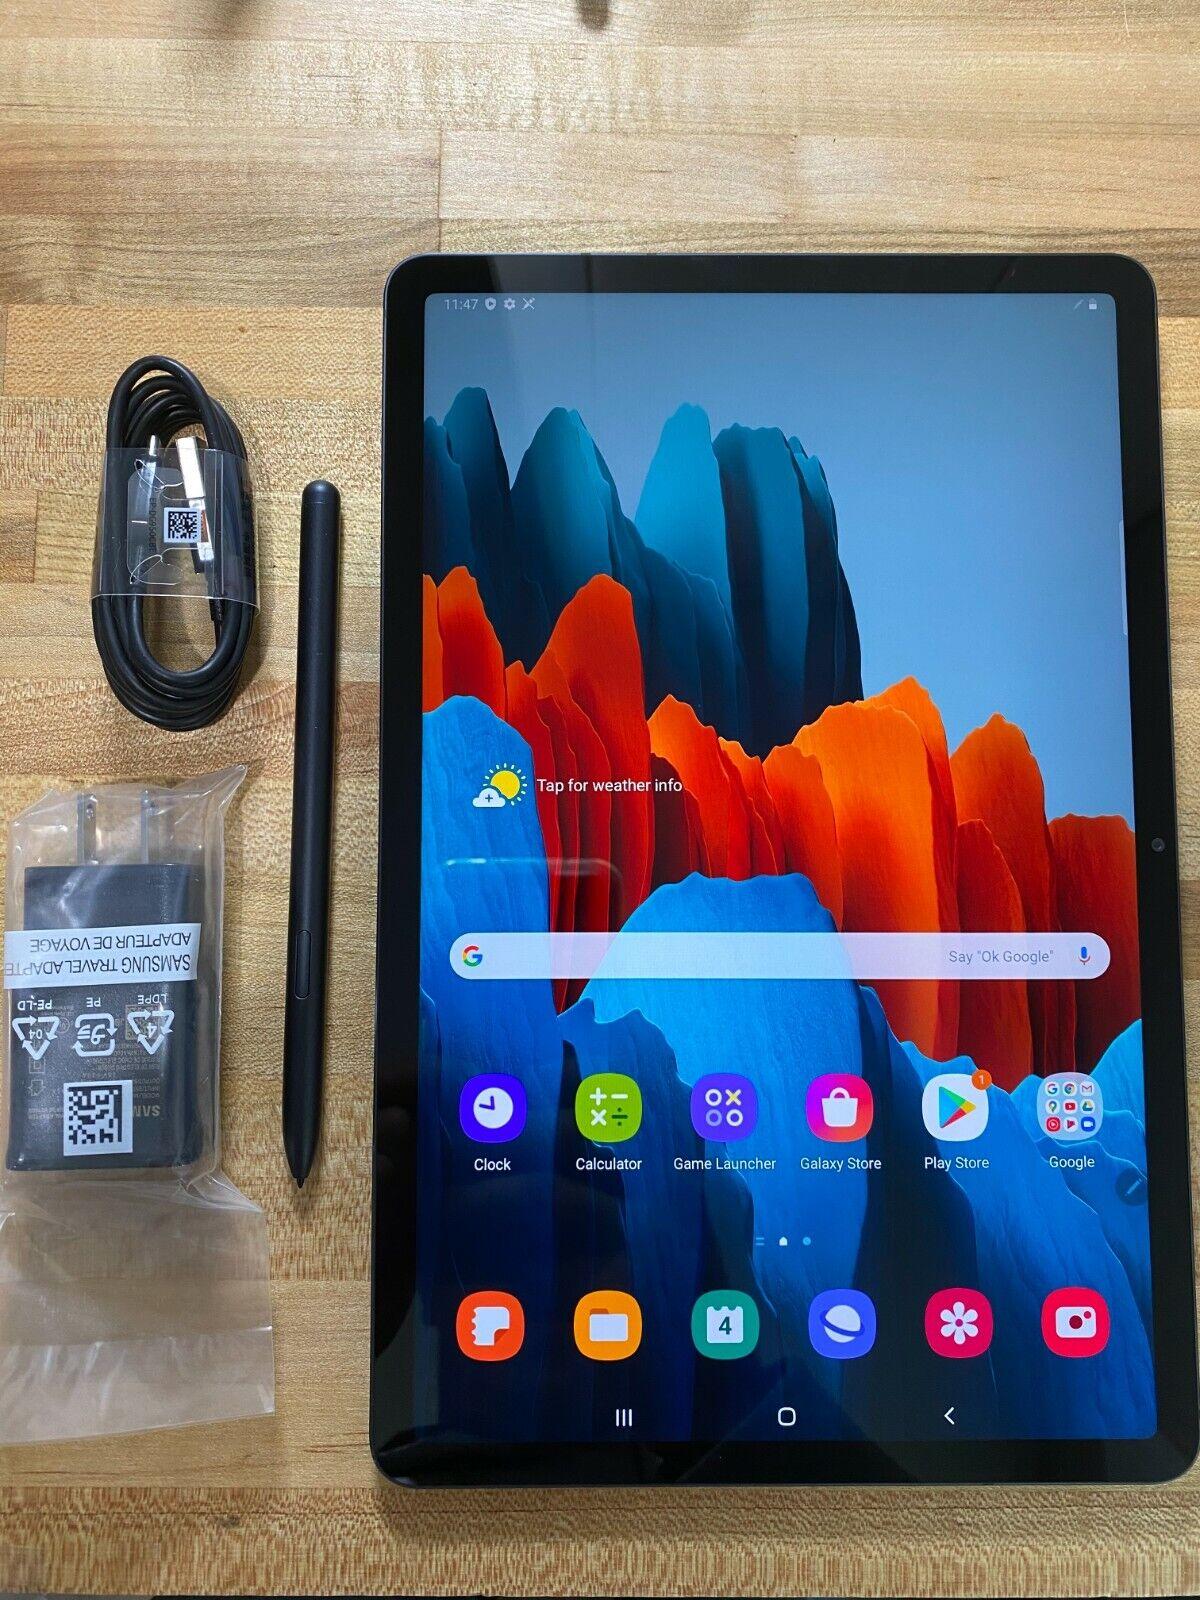 Samsung Galaxy Tab S7 256GB, Wi-Fi, 11 in - Mystic Black FEDEX 2 DAY NEW*. Buy it now for 579.00